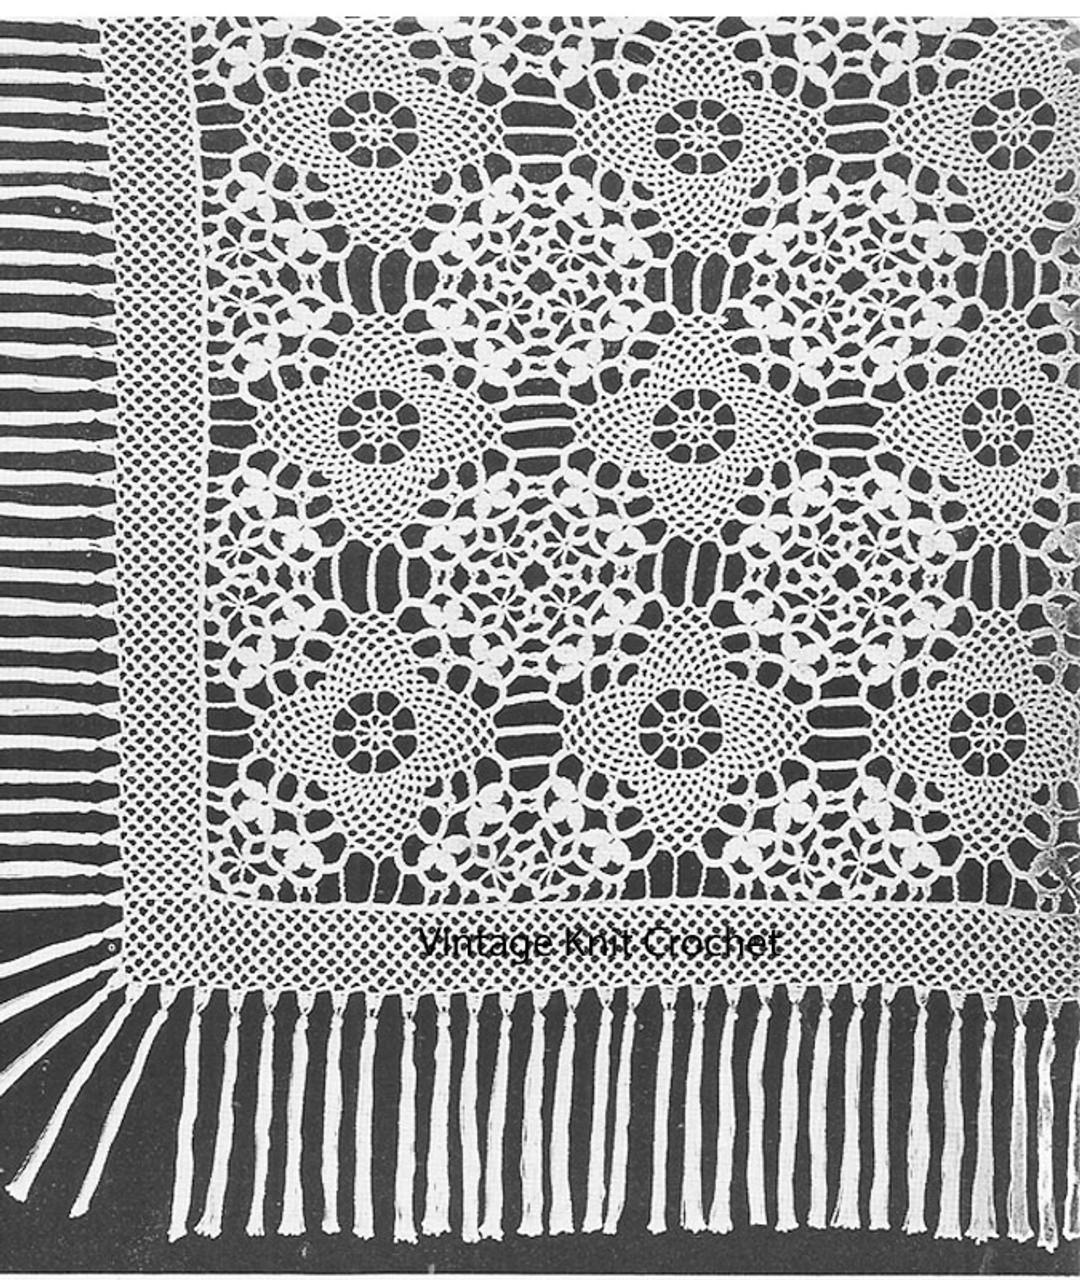 Crochet Armenian Lace Bedspread Patter